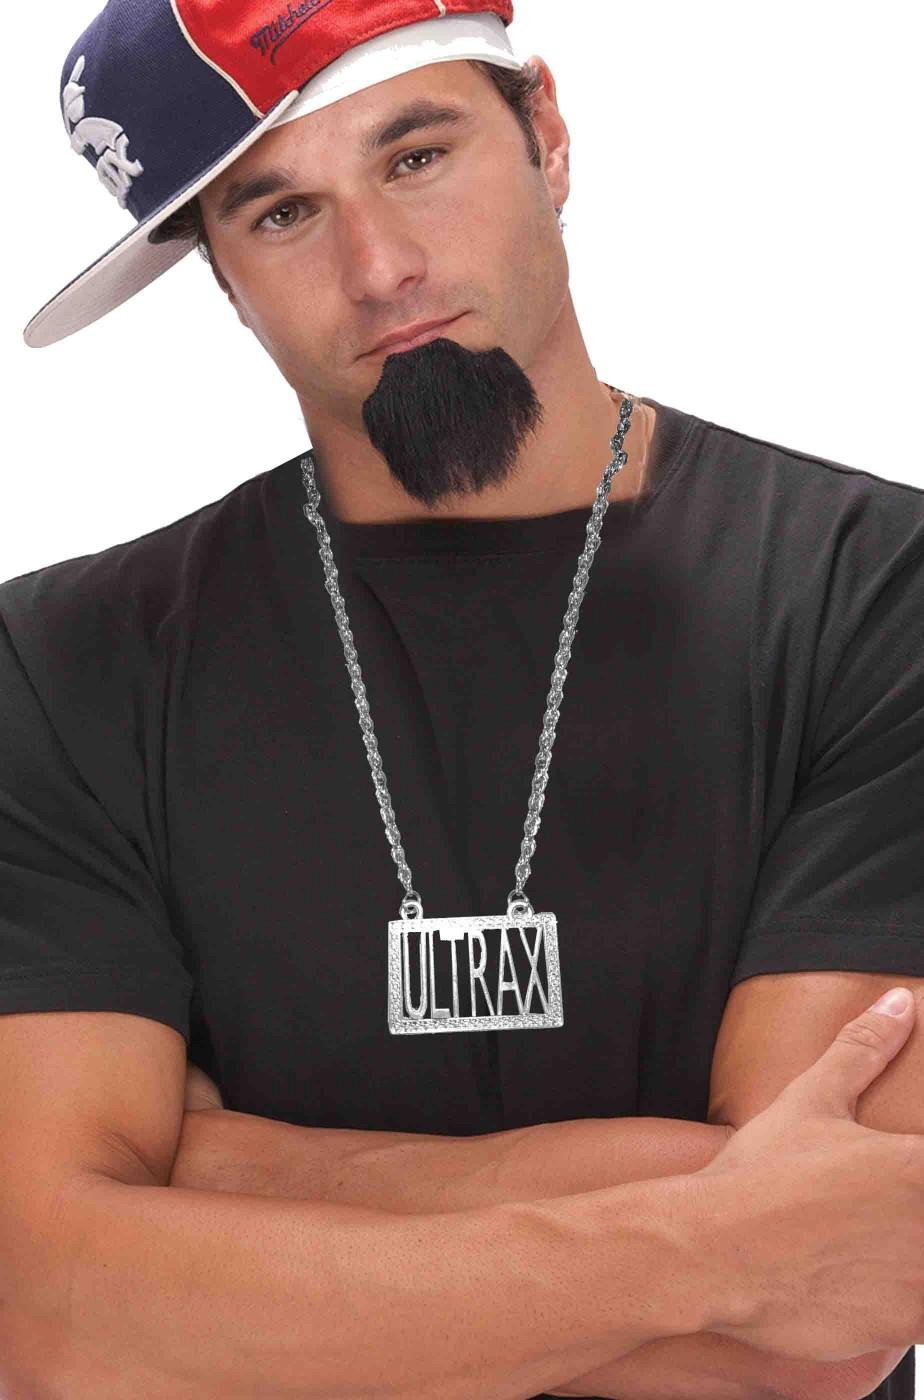 Collana pappone metallaro rapper disco con scritta Ultrax in metallo